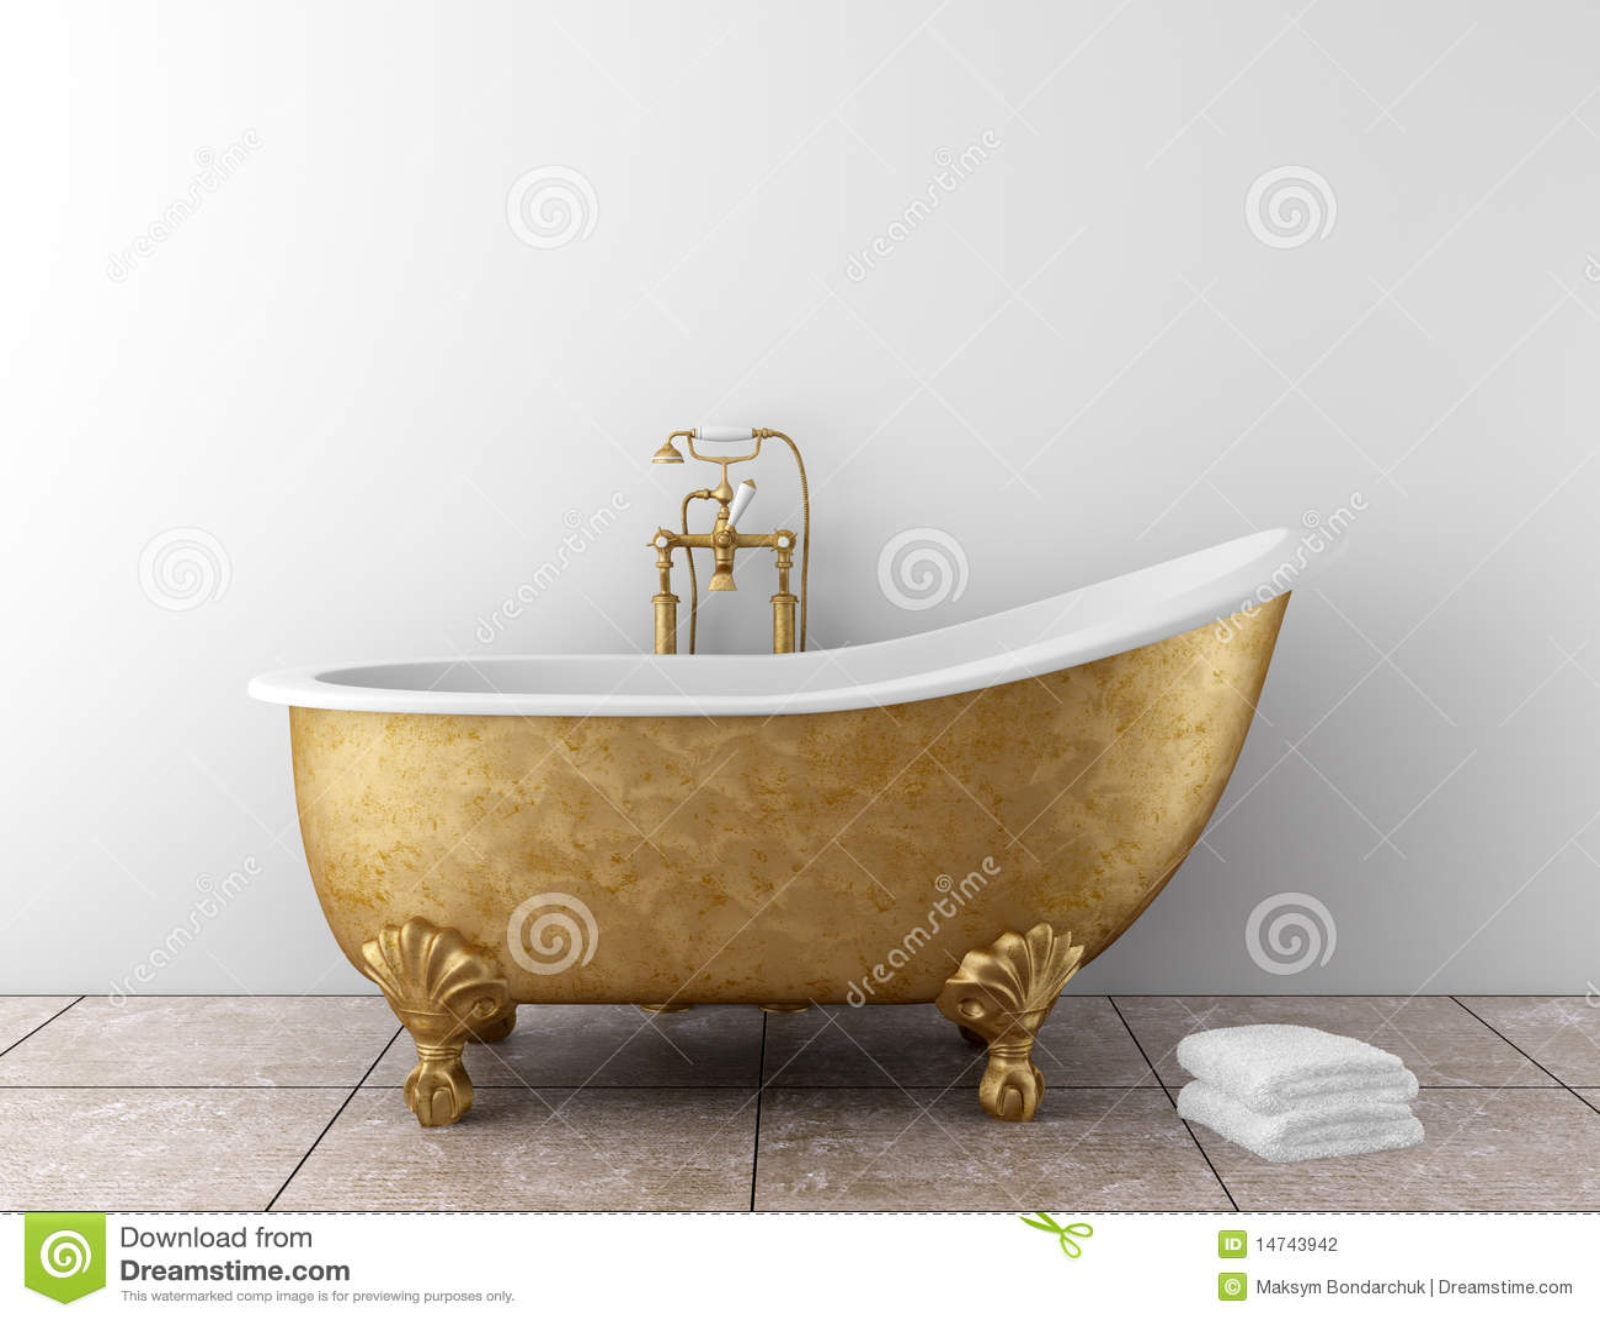 Stanza da bagno classica con la vecchia vasca da bagno - Vasca da bagno con piedini ...